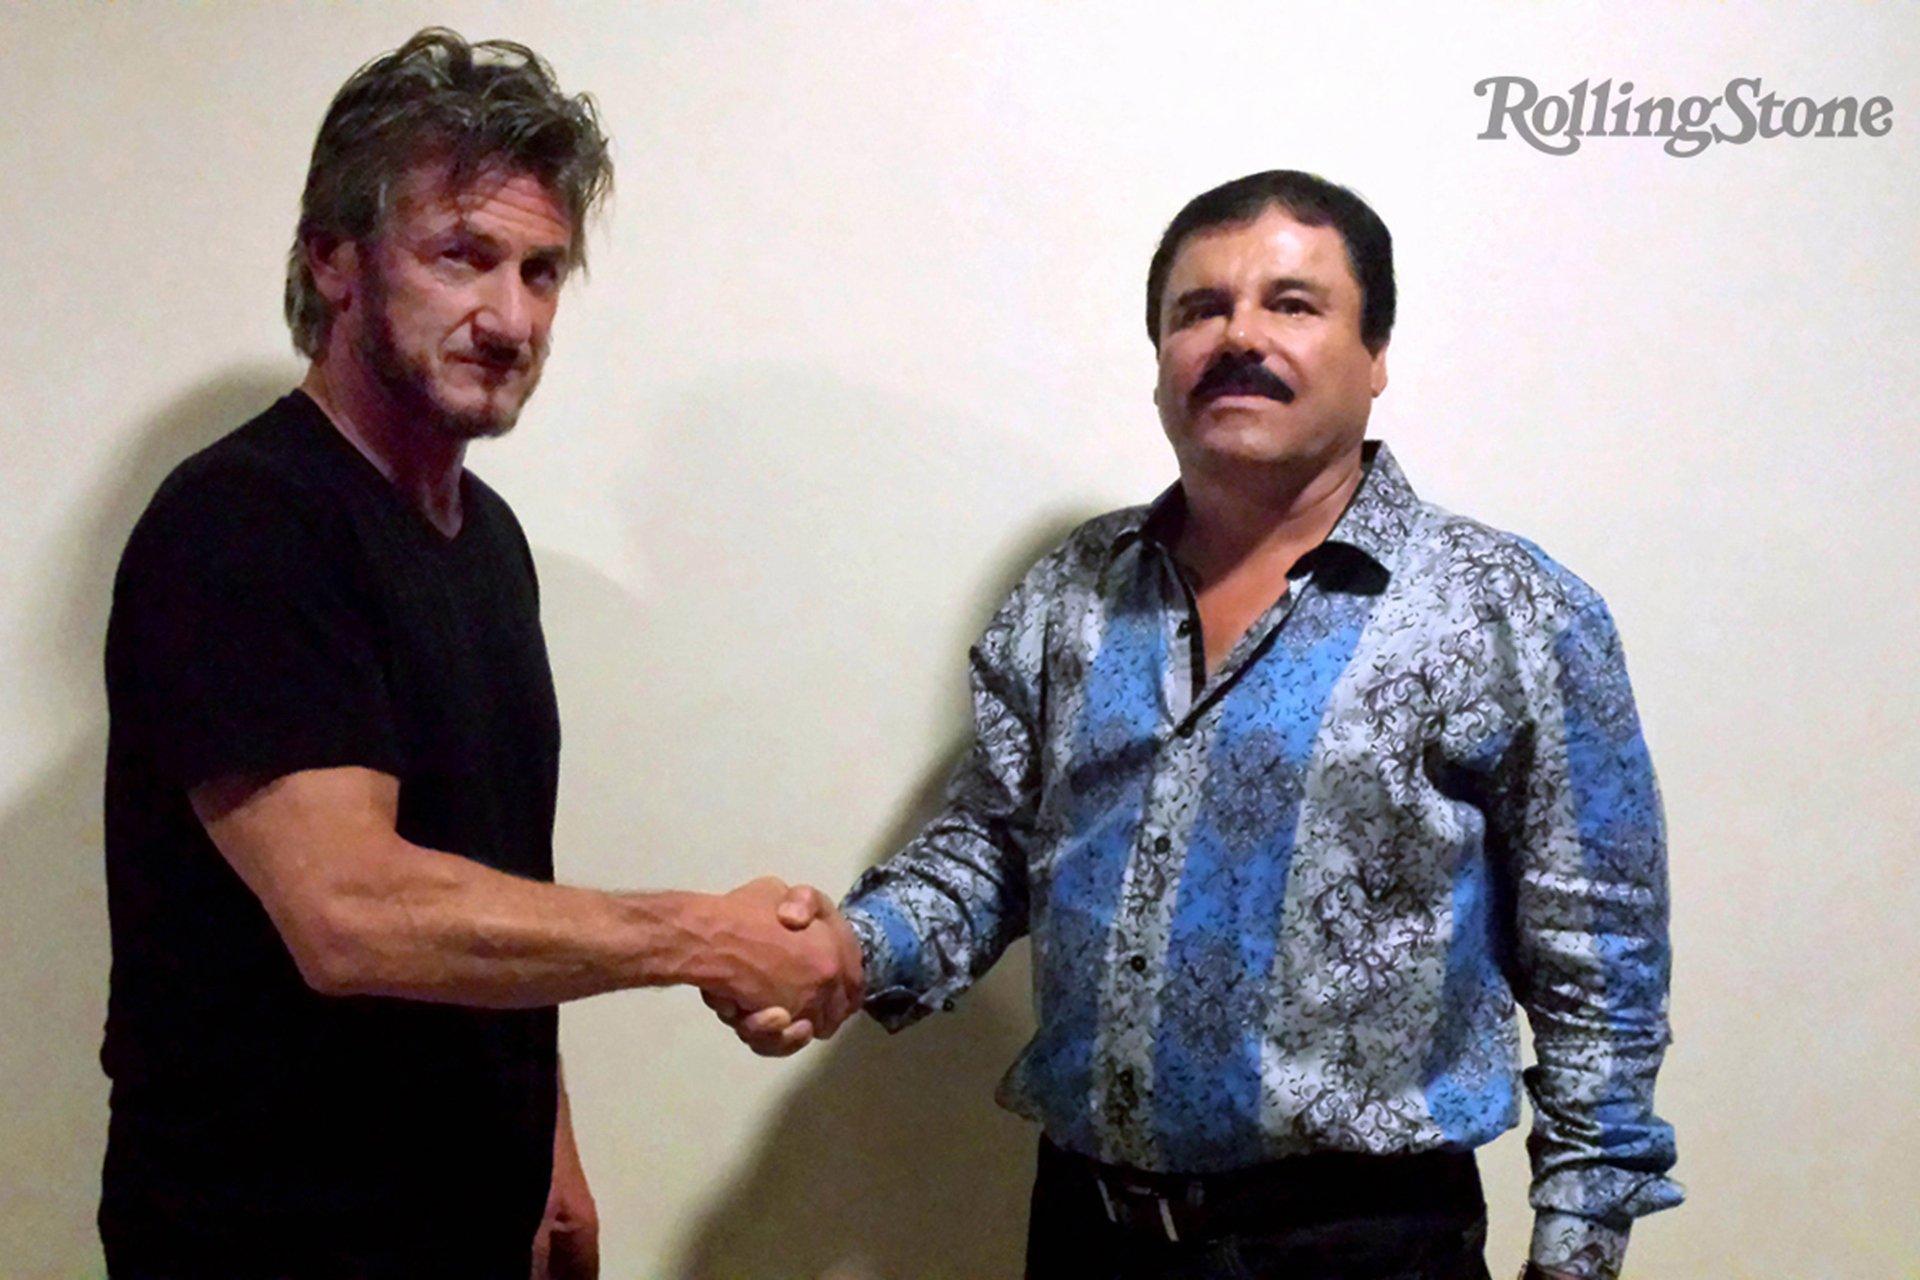 эль чапо наркобарон Шон Пенн Rolling Stone интервью поймали Синалоа Мексика США новости отвратительные мужики